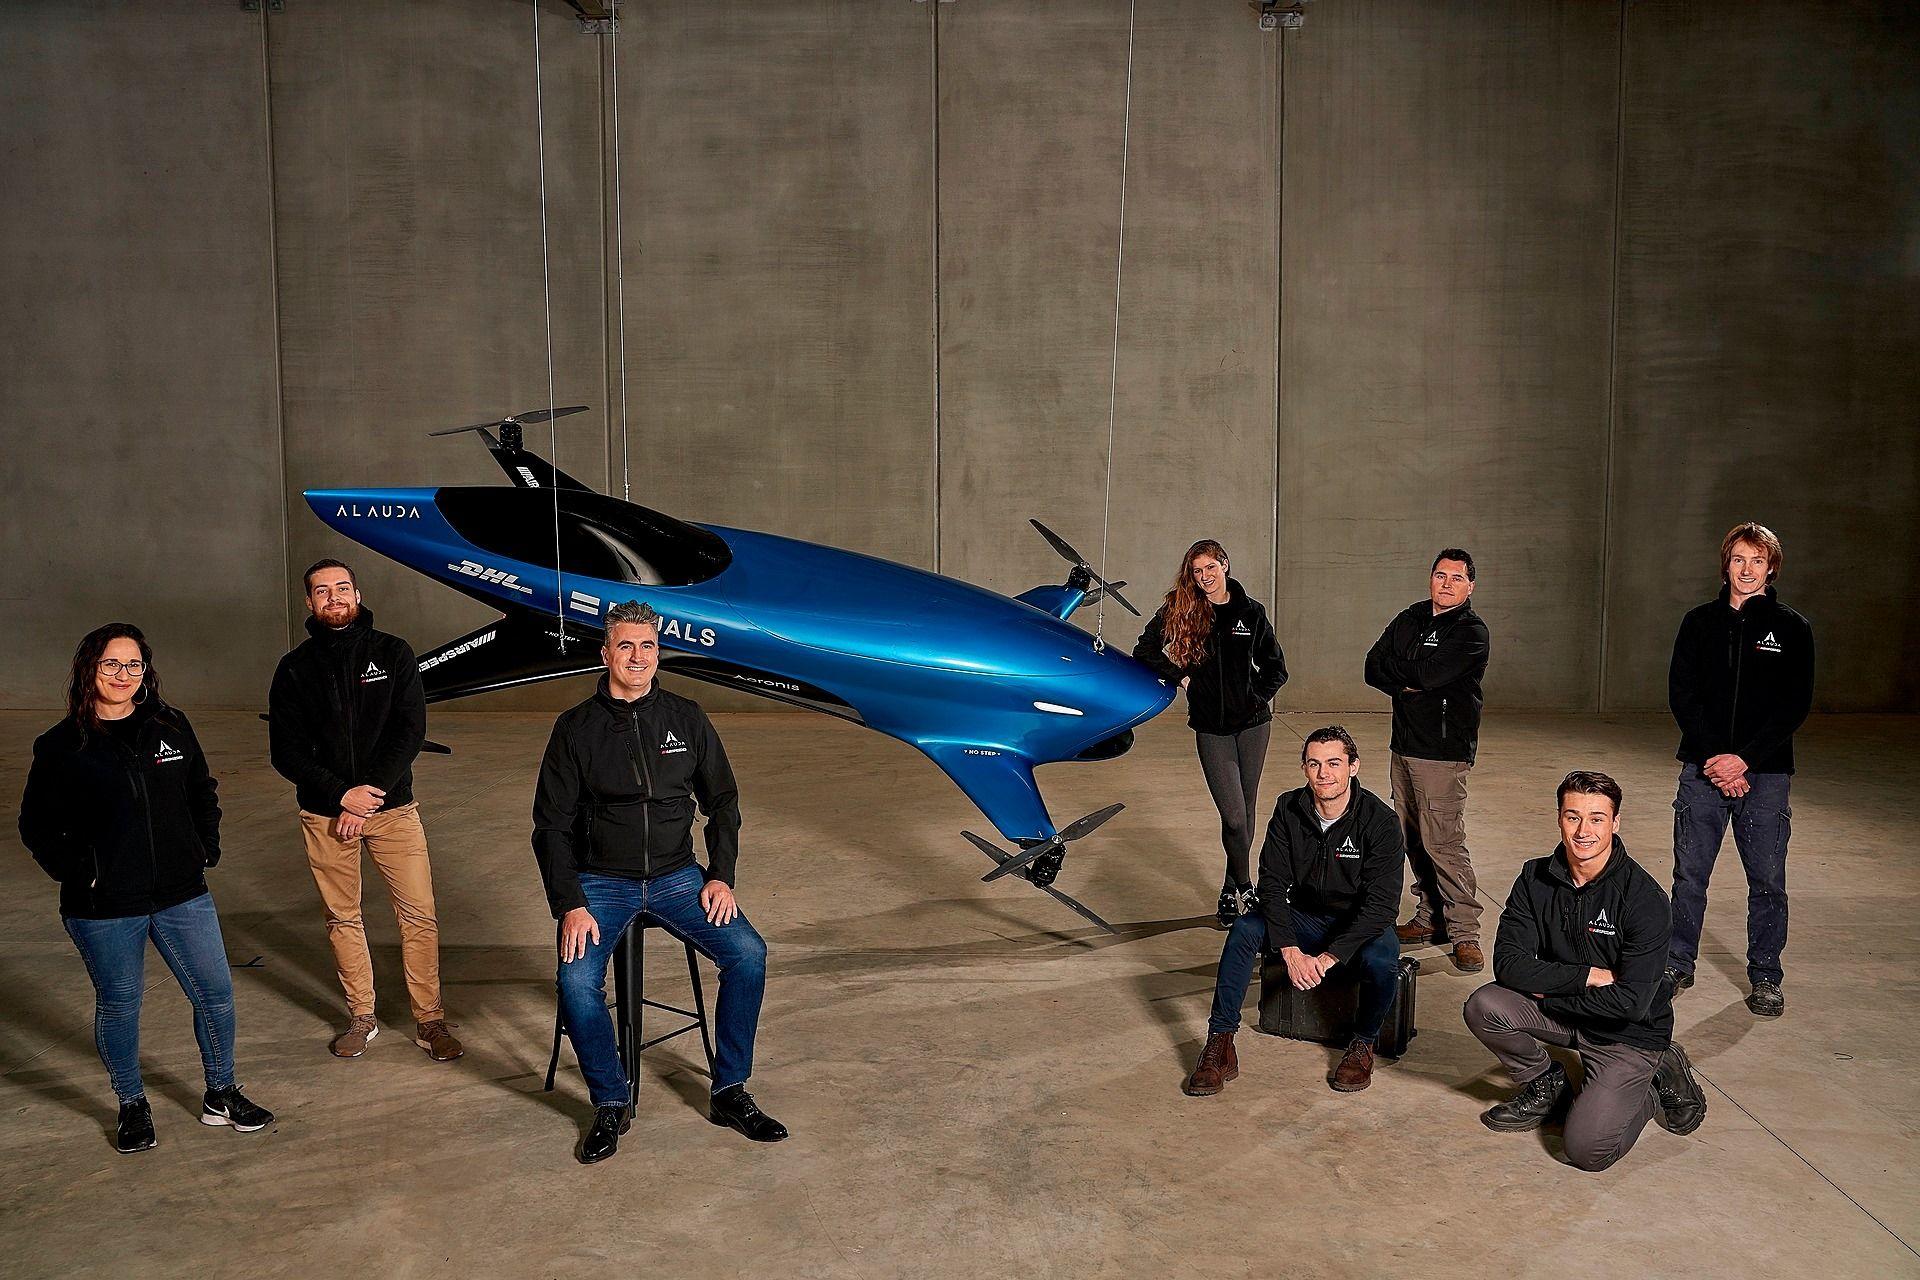 Η ομάδα μηχανικών που κατασκεύασαν το Airspeeder